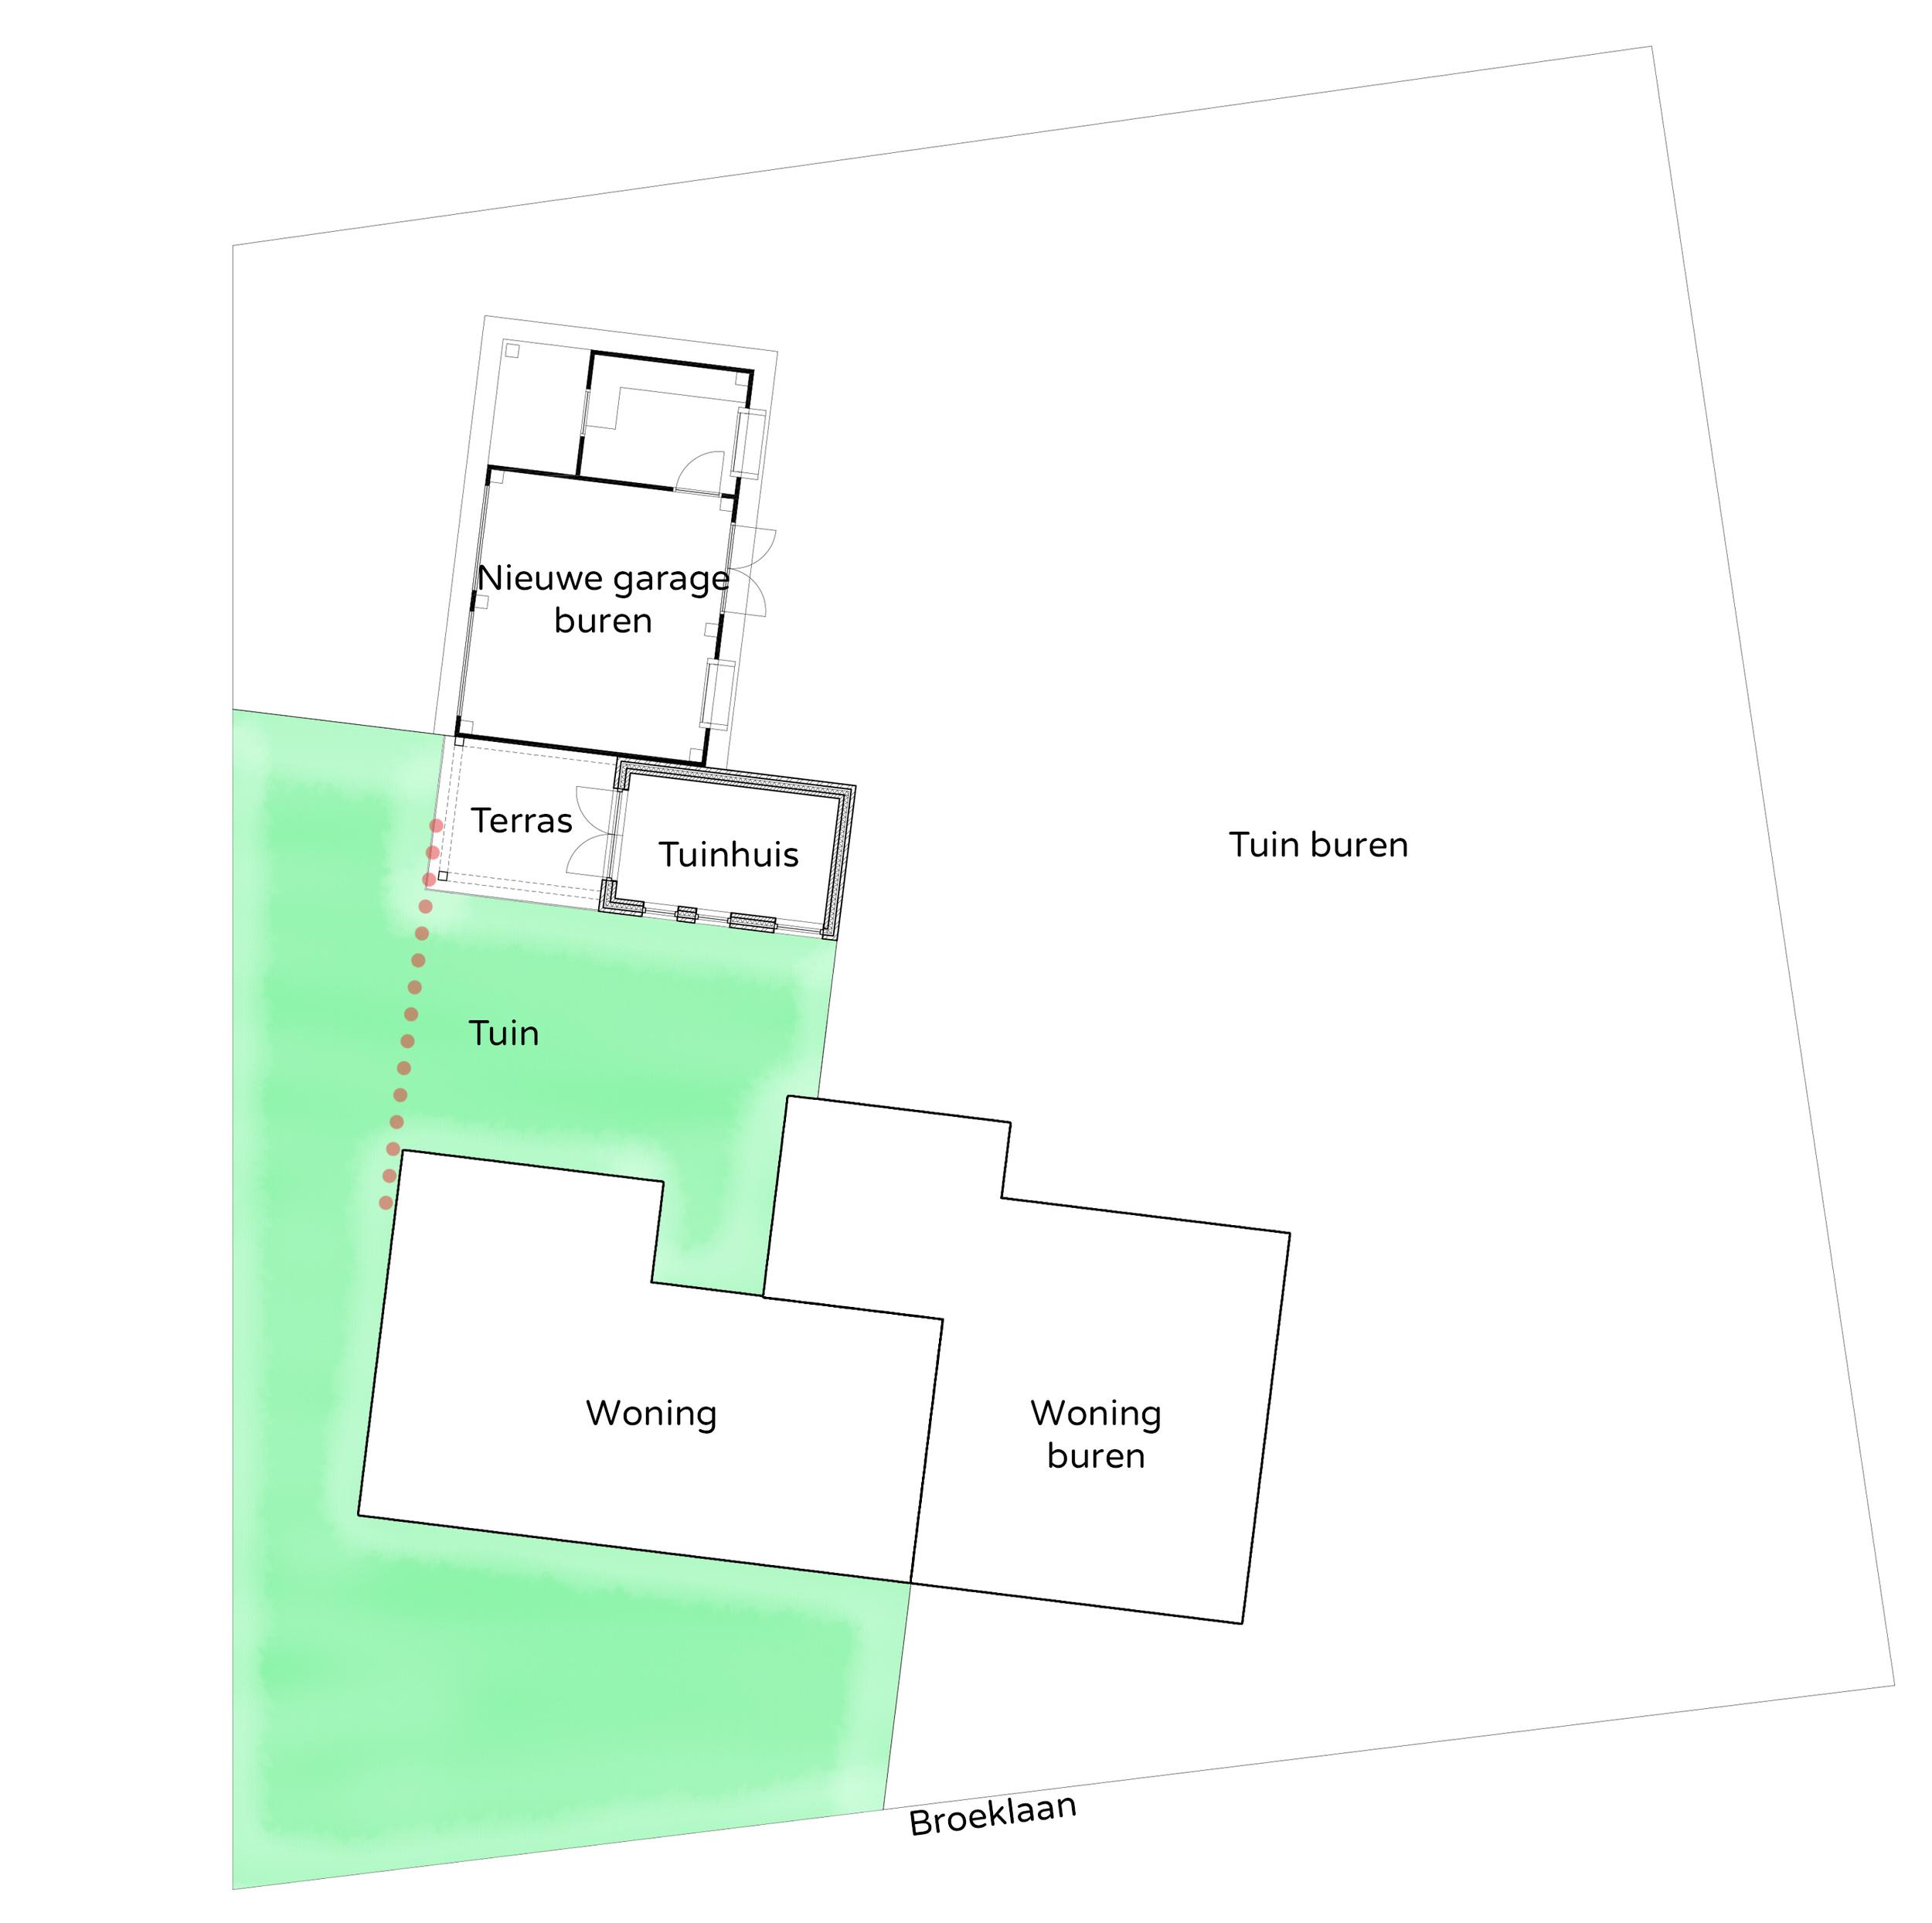 Plaatsing tuinhuis en overkapping t.o.v. woning en nieuwbouw buren (klik op afbeelding voor vergroting).